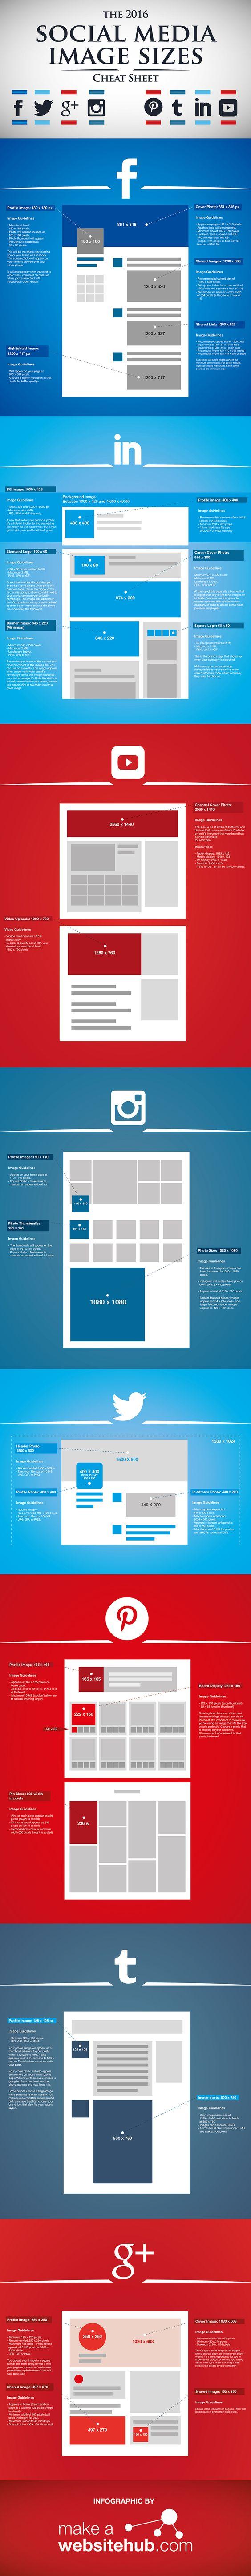 Après une première infographie sur la taille des images sur les réseaux sociaux en 2015,setupablogtoday.com à partagé une nouvelle infographie avec la taille des images sur les réseaux sociaux en 2016.Les plates-formes des réseaux sociaux sont toujours en train de changer les dimensions et les formats des images. Donc pour ...